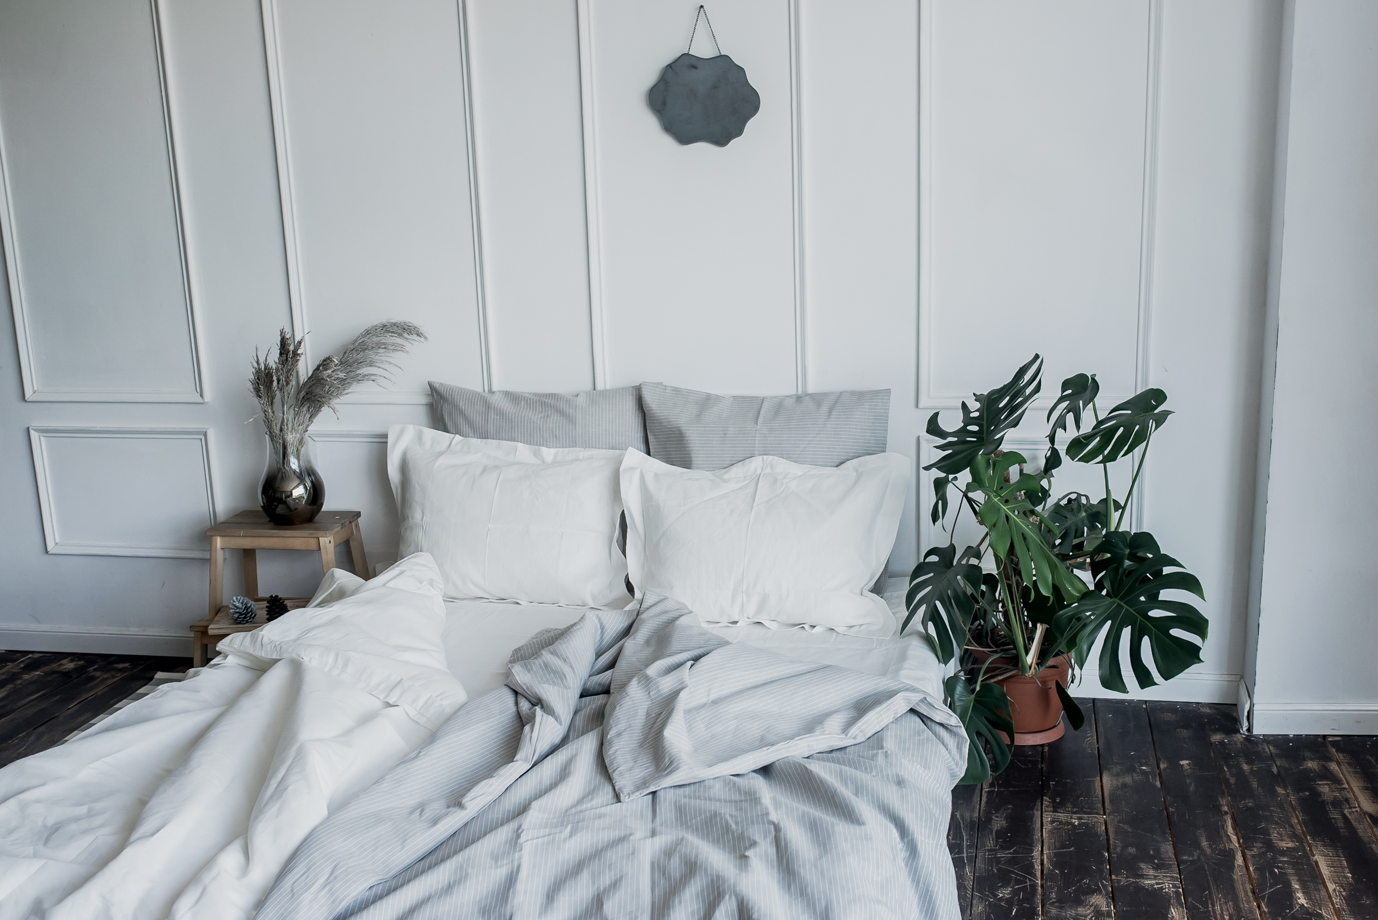 ГЕНДЕРНЫЙ набор постельного белья из 100% льна, 5 РАСЦВЕТОК